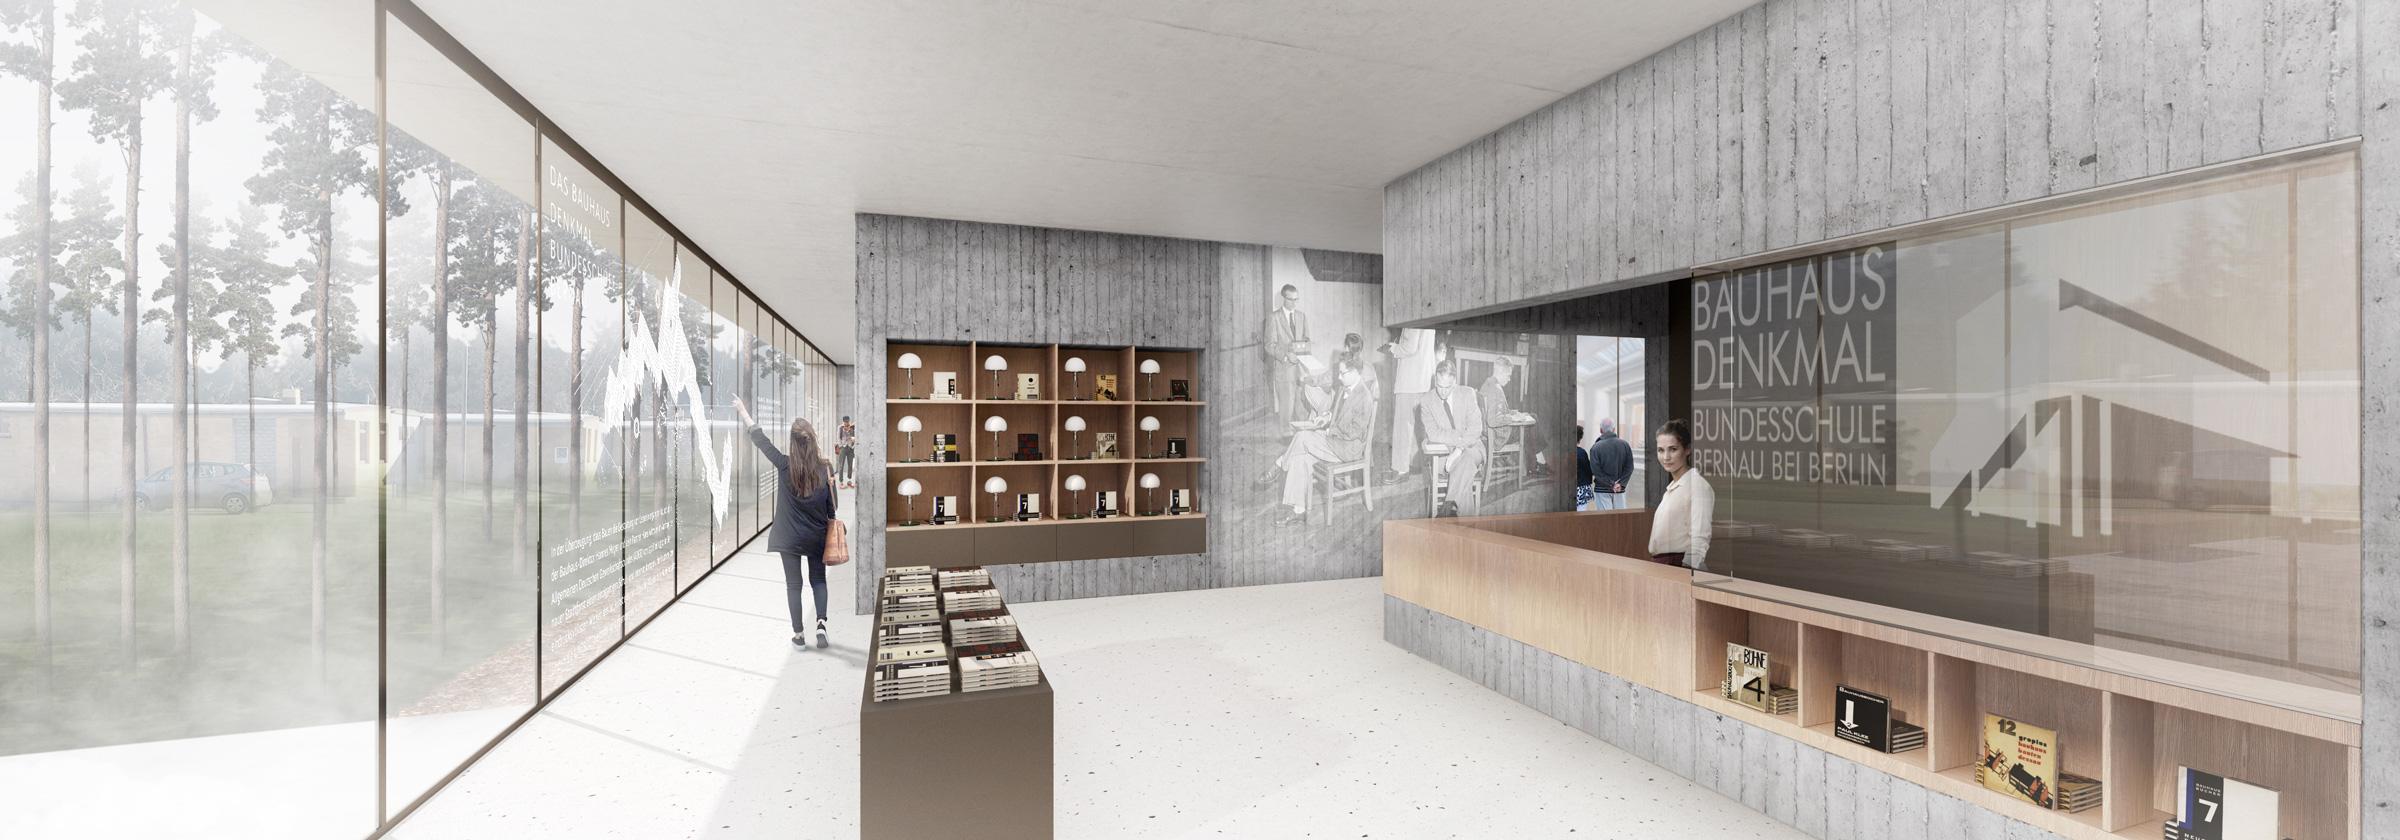 Besucherzentrum, Bauhaus Denkmal, Wettbewerb